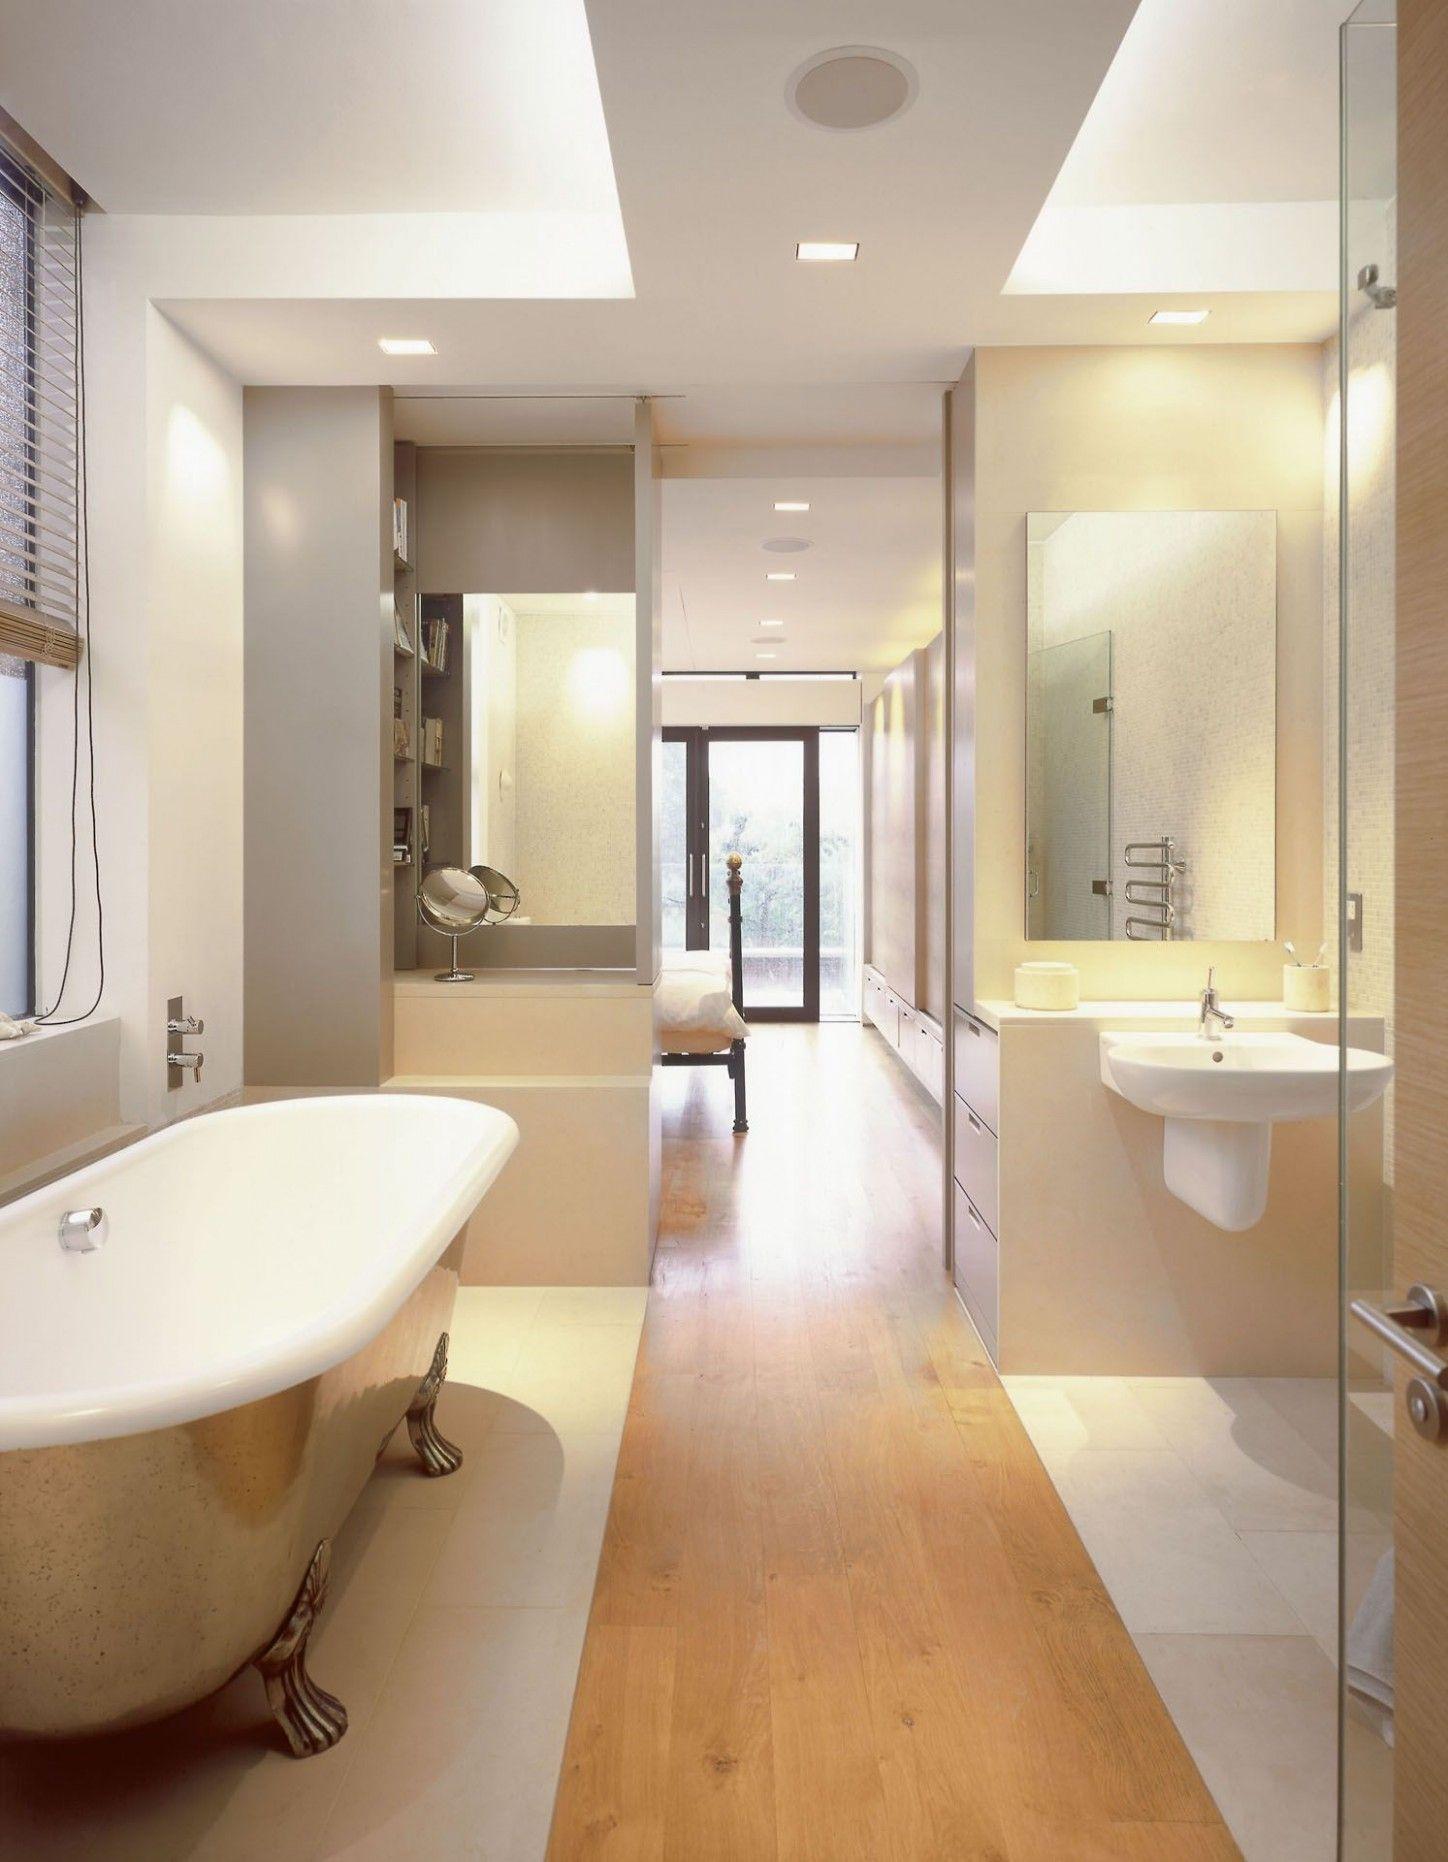 Pin On Bathroom Faucets Ensuite bathroom design ideas